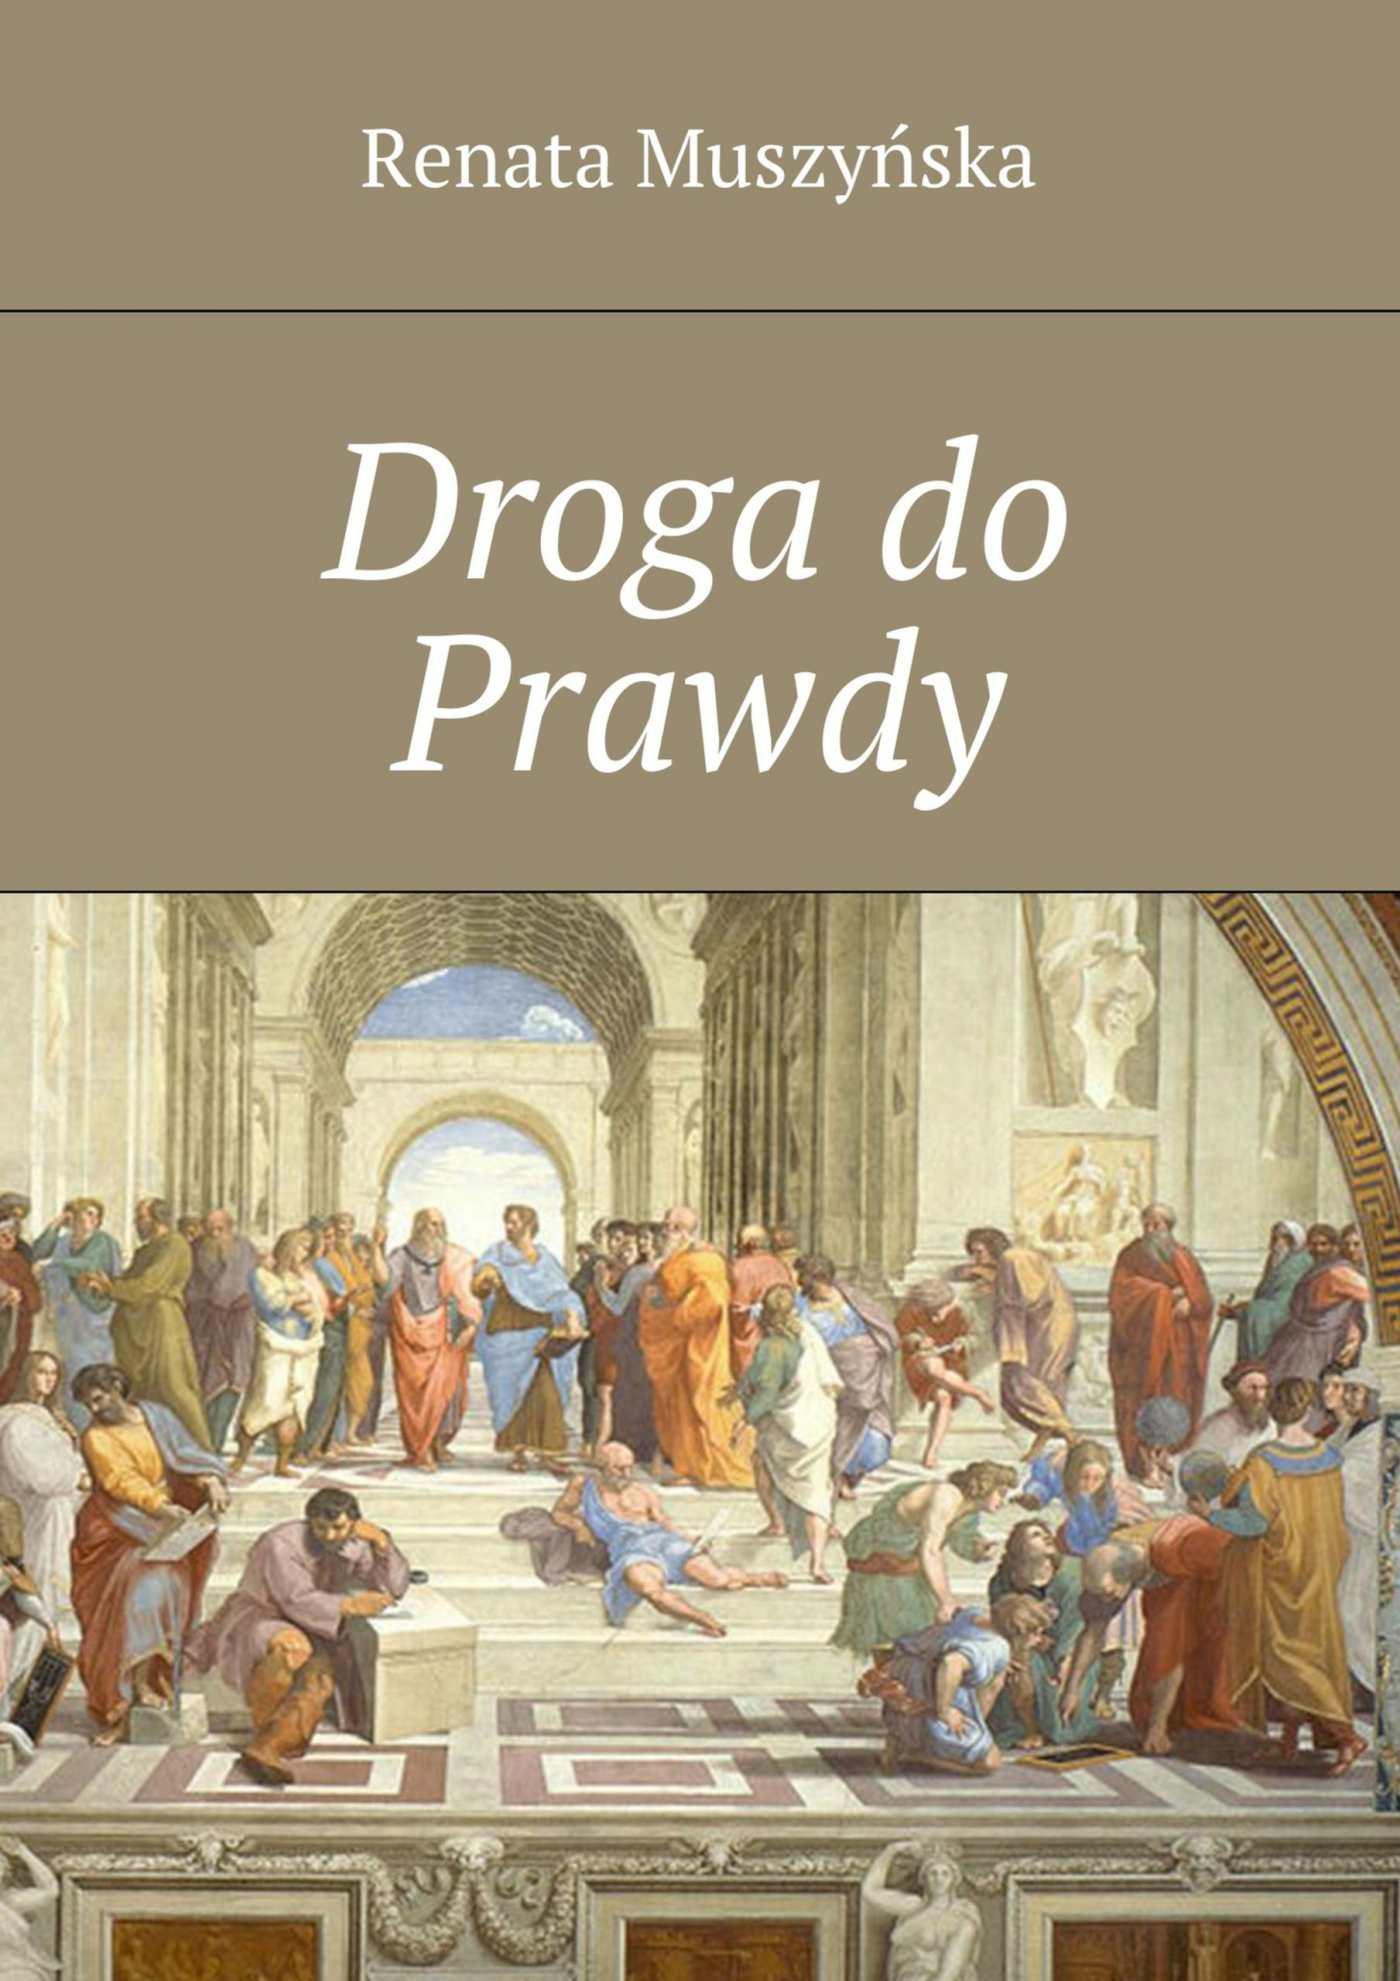 Droga do Prawdy - Ebook (Książka EPUB) do pobrania w formacie EPUB